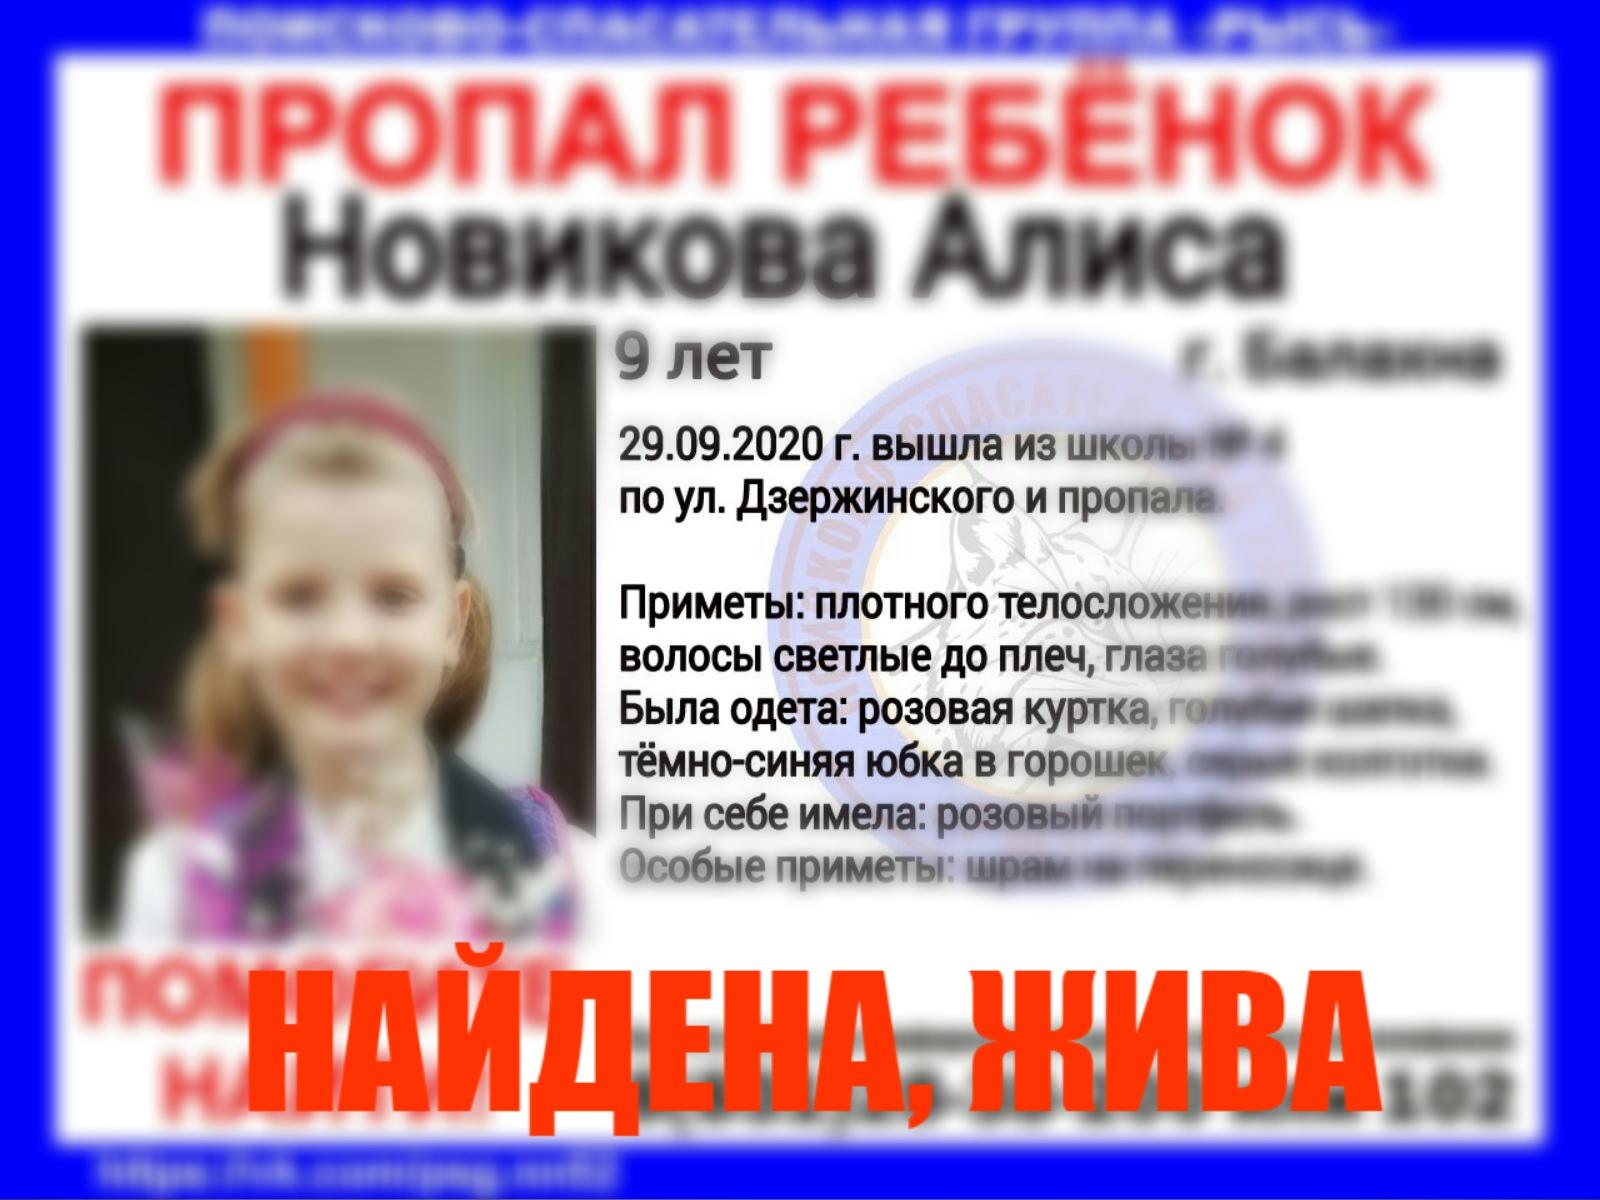 Новикова Алиса, 9 лет, г. Балахна